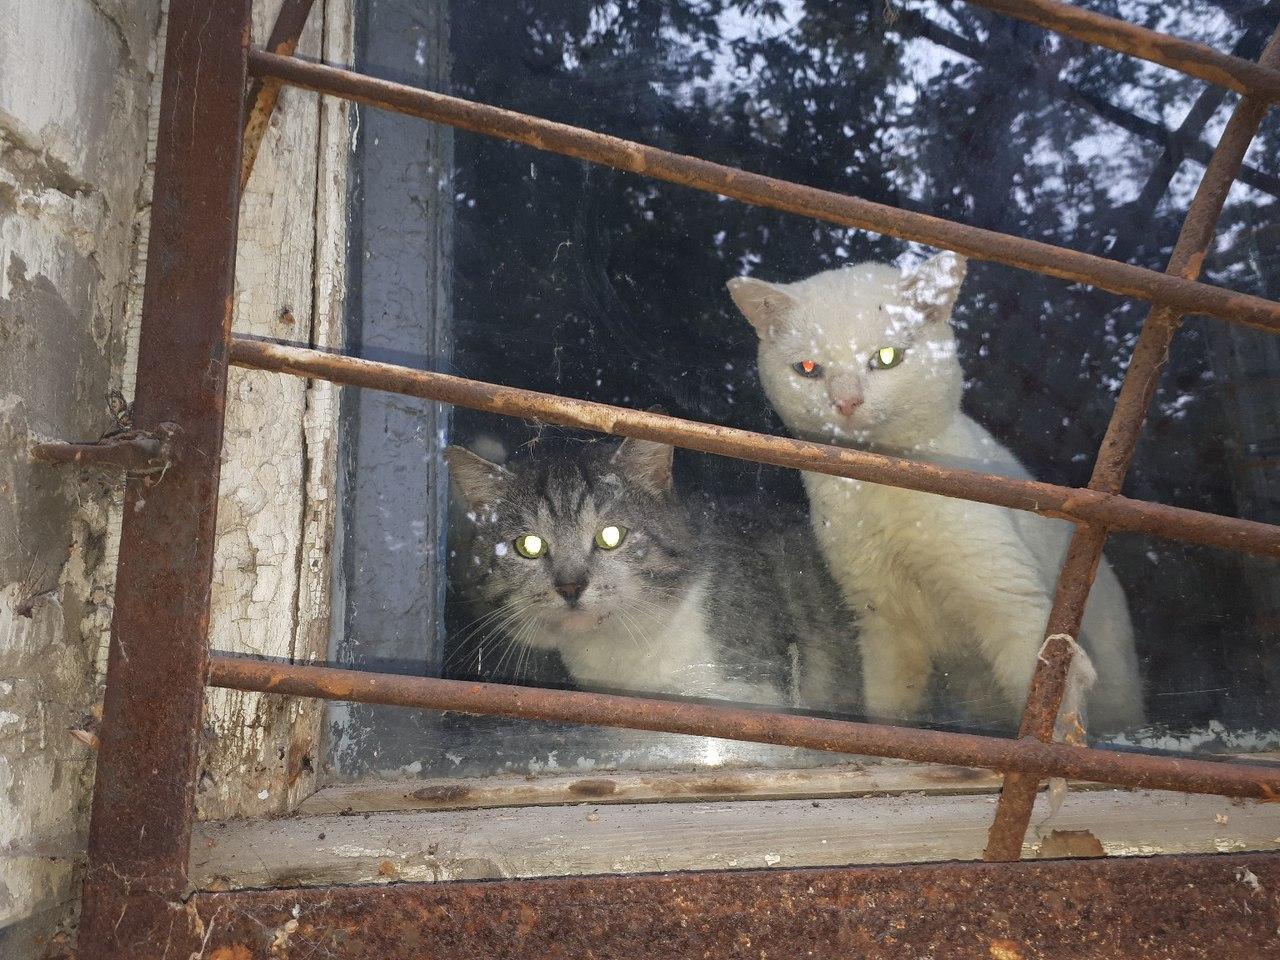 В пустой холодной квартире три кота. Старушку-хозяйку увезли в психиатрическую клинику. Им нужен дом.